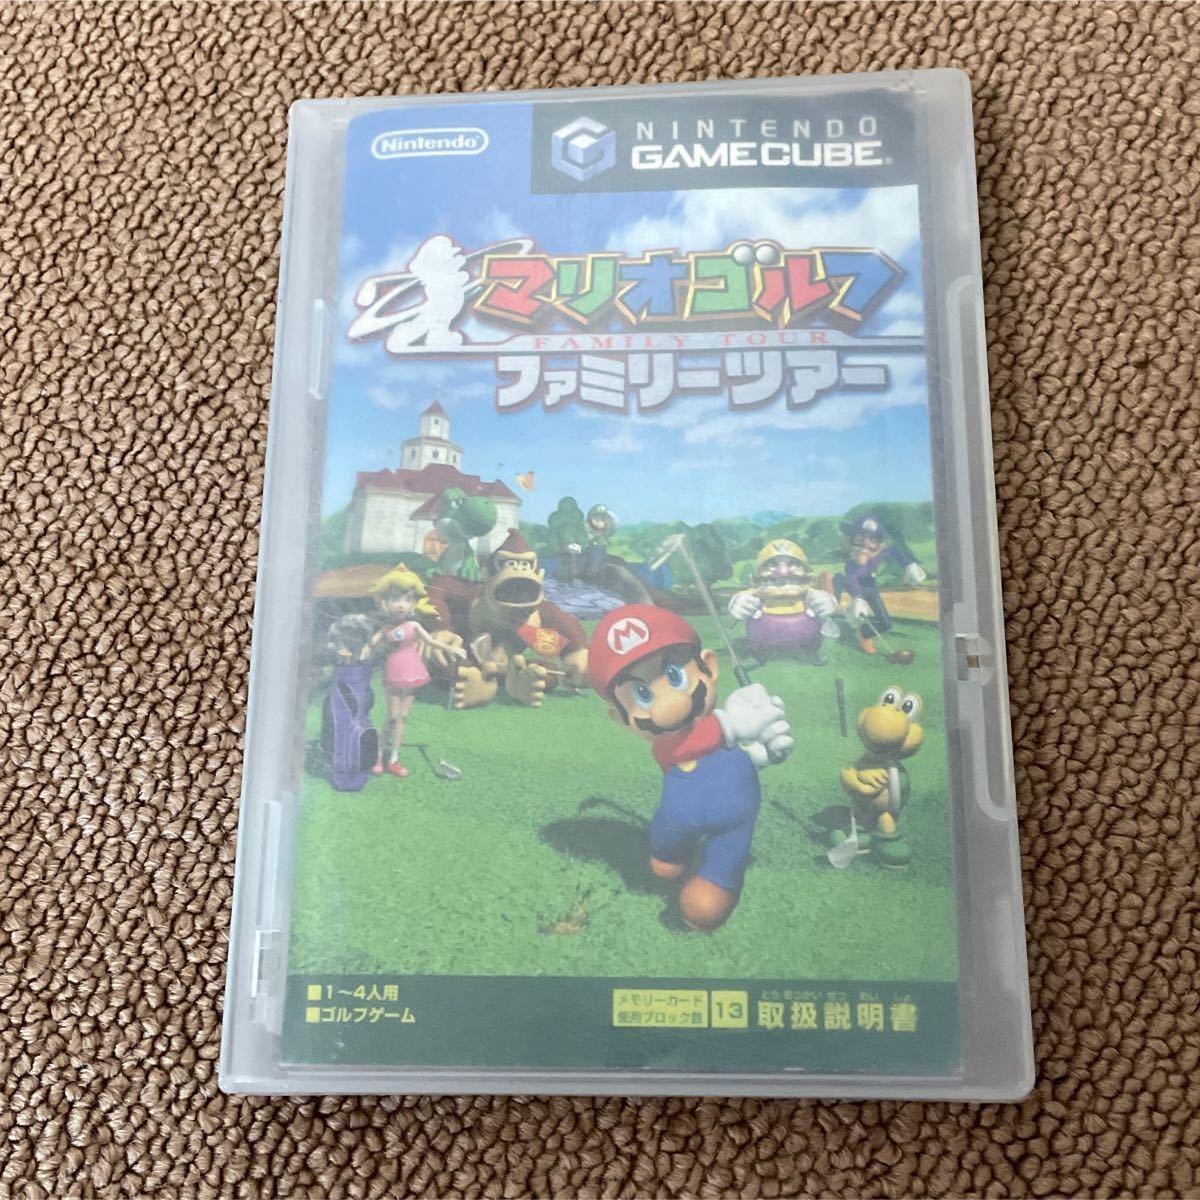 ゲームキューブ スーパーマリオサンシャイン 大乱闘スマッシュブラザーズDX ゲームキューブソフト